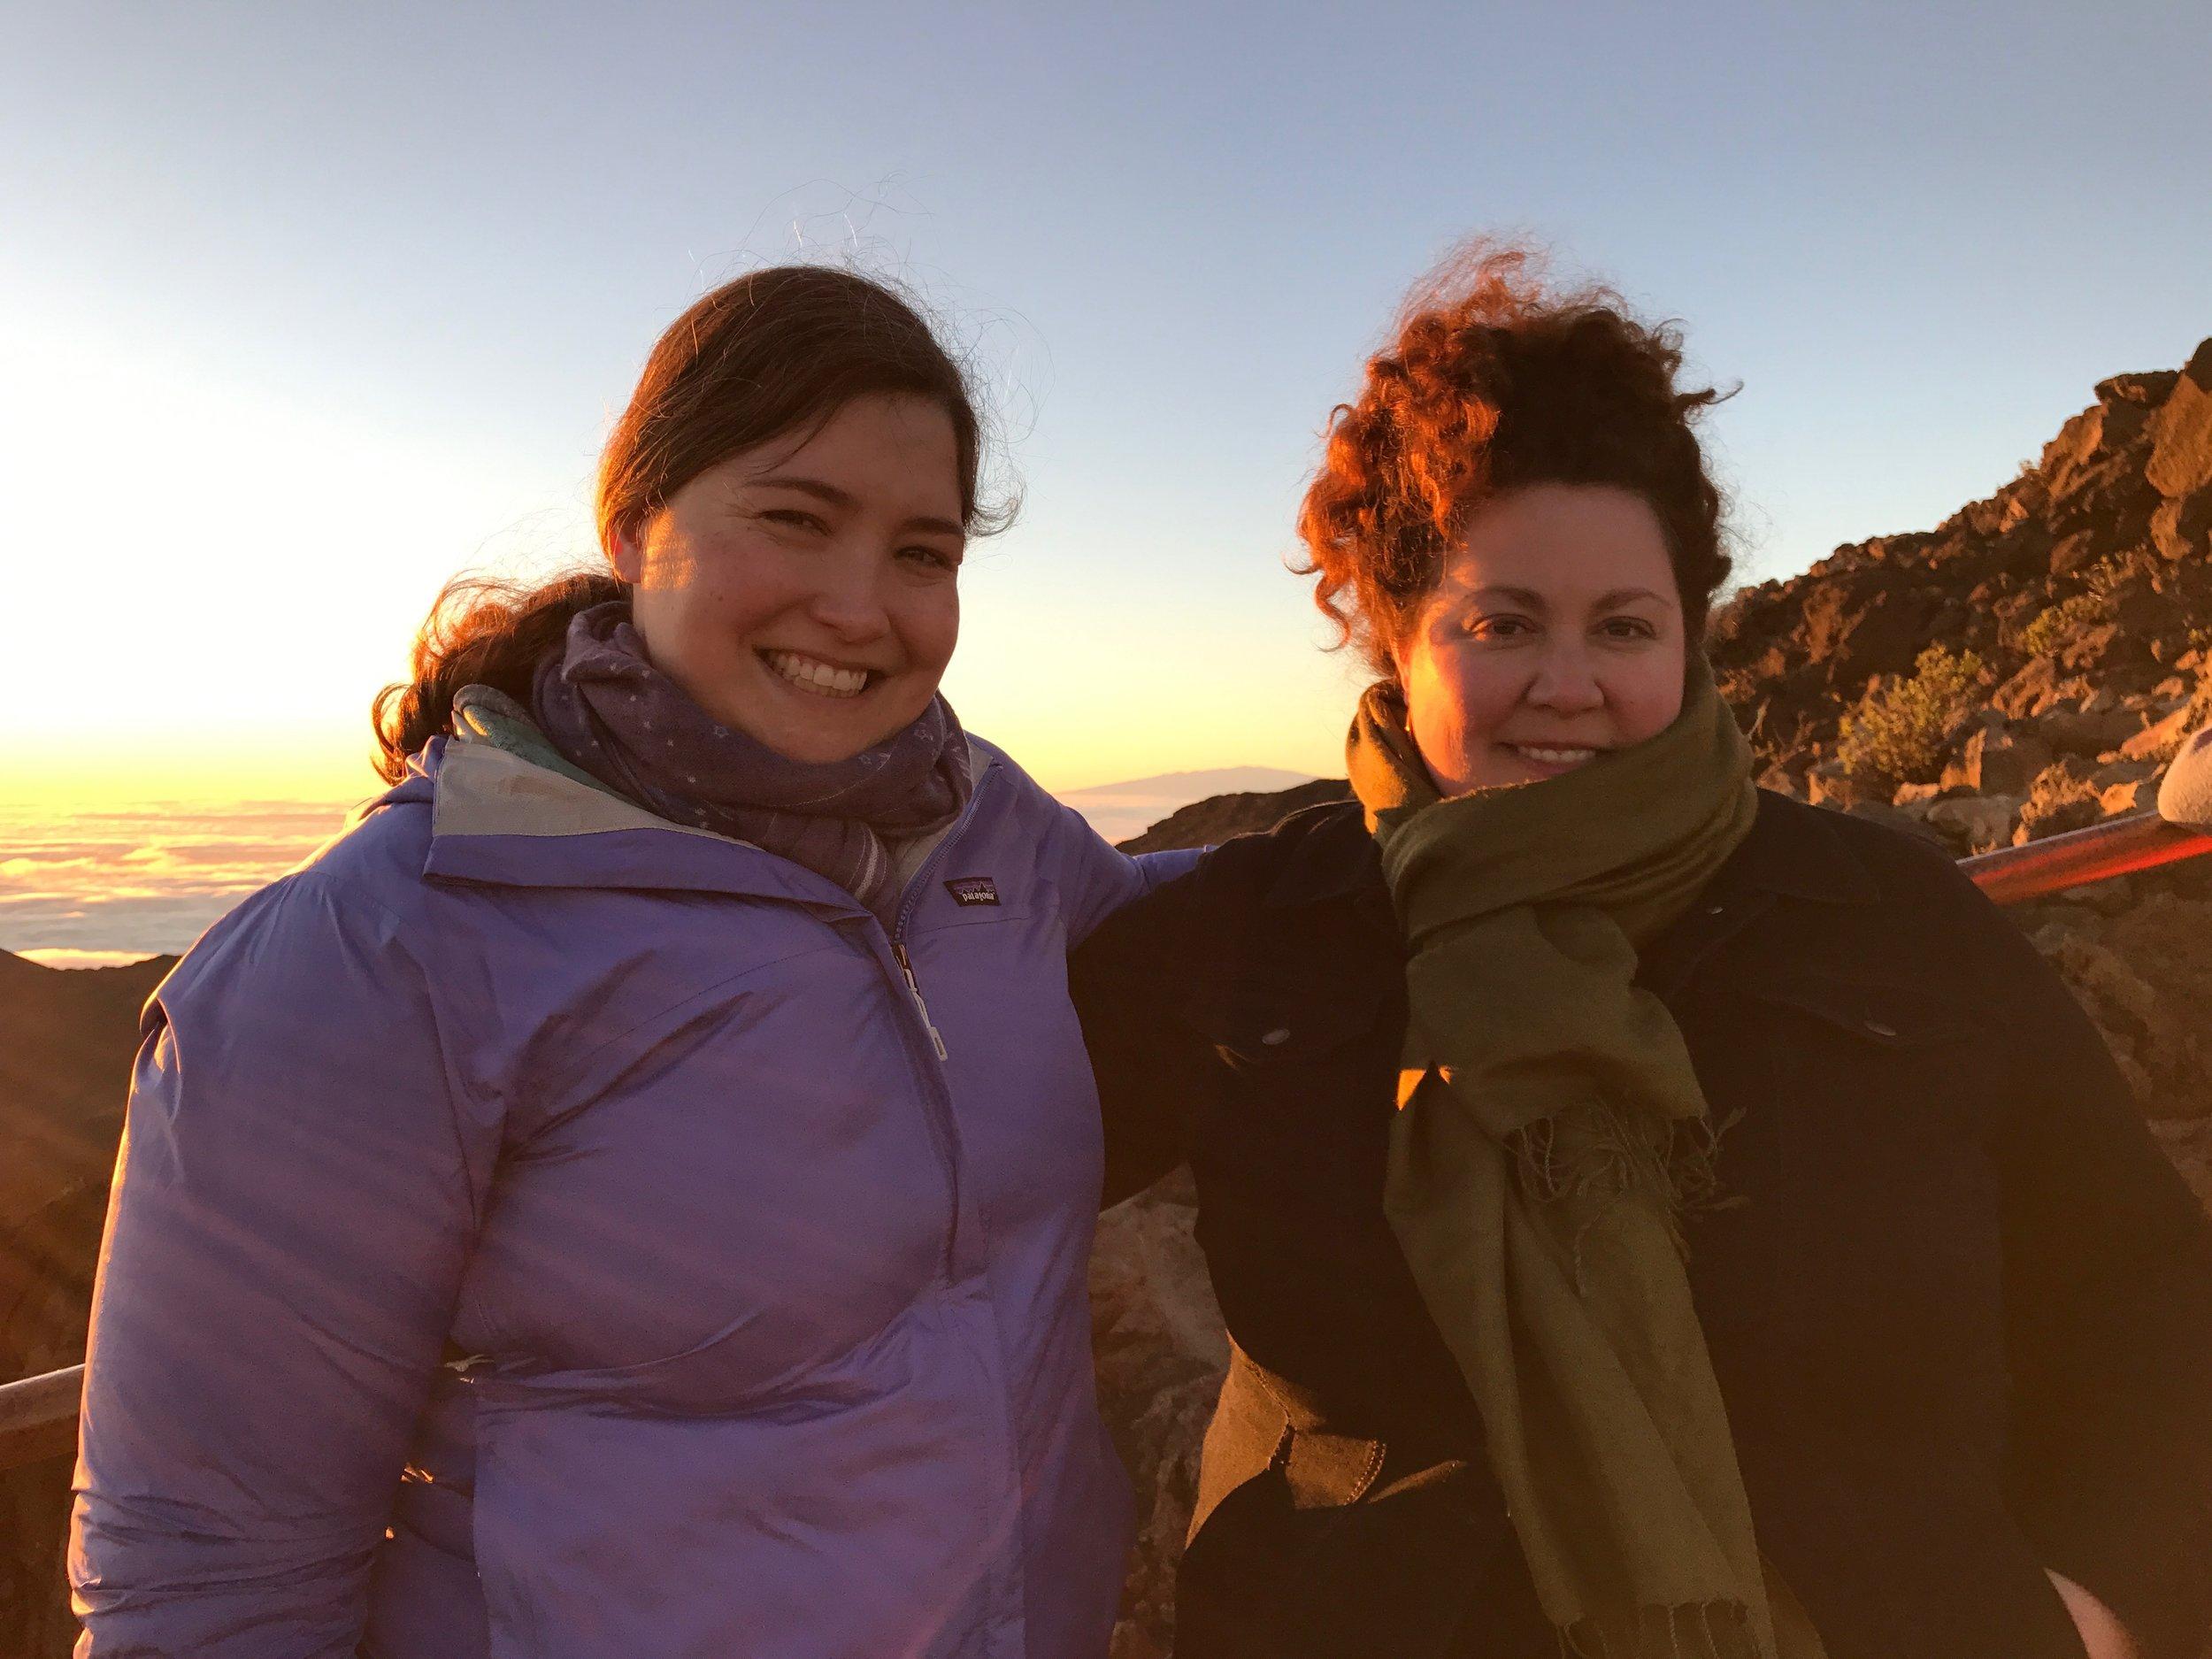 Meg and I bundled up for sunrise at the Haleakala Crater